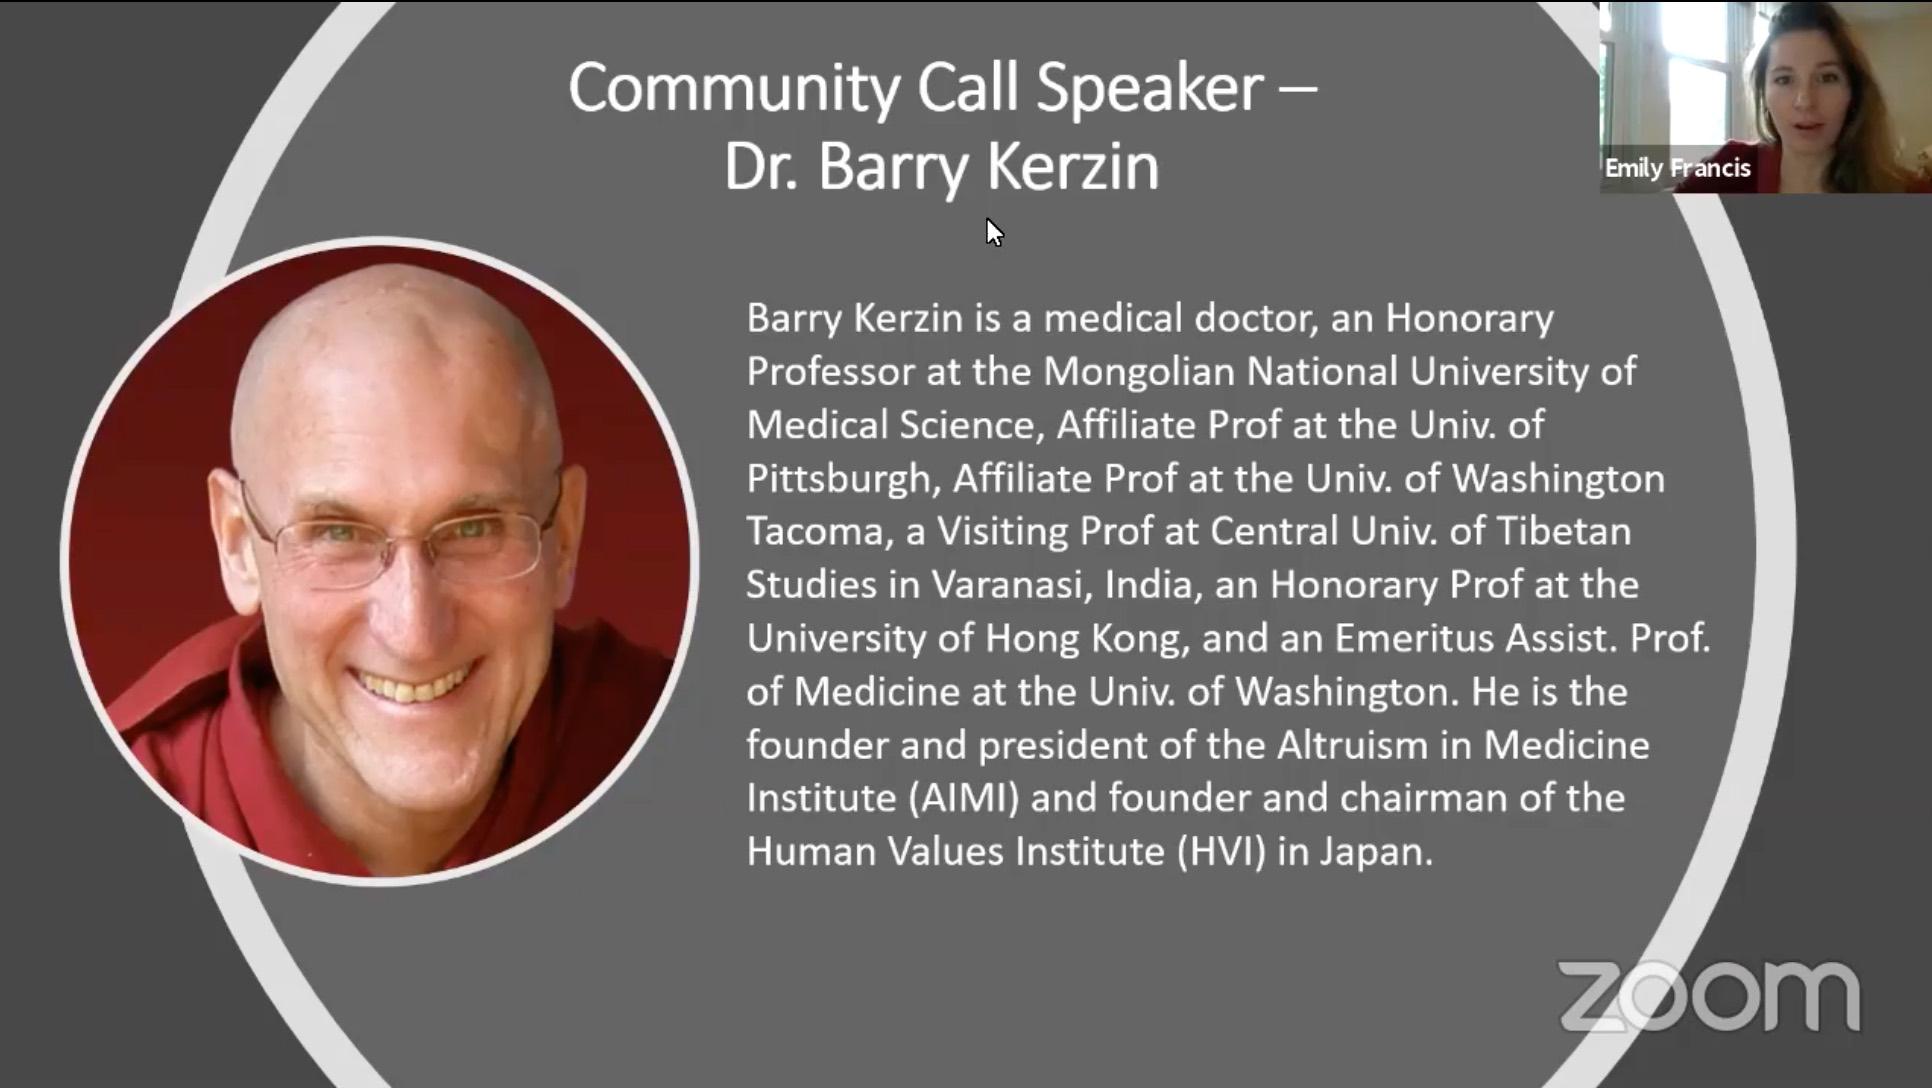 Barry Kerzin Bio